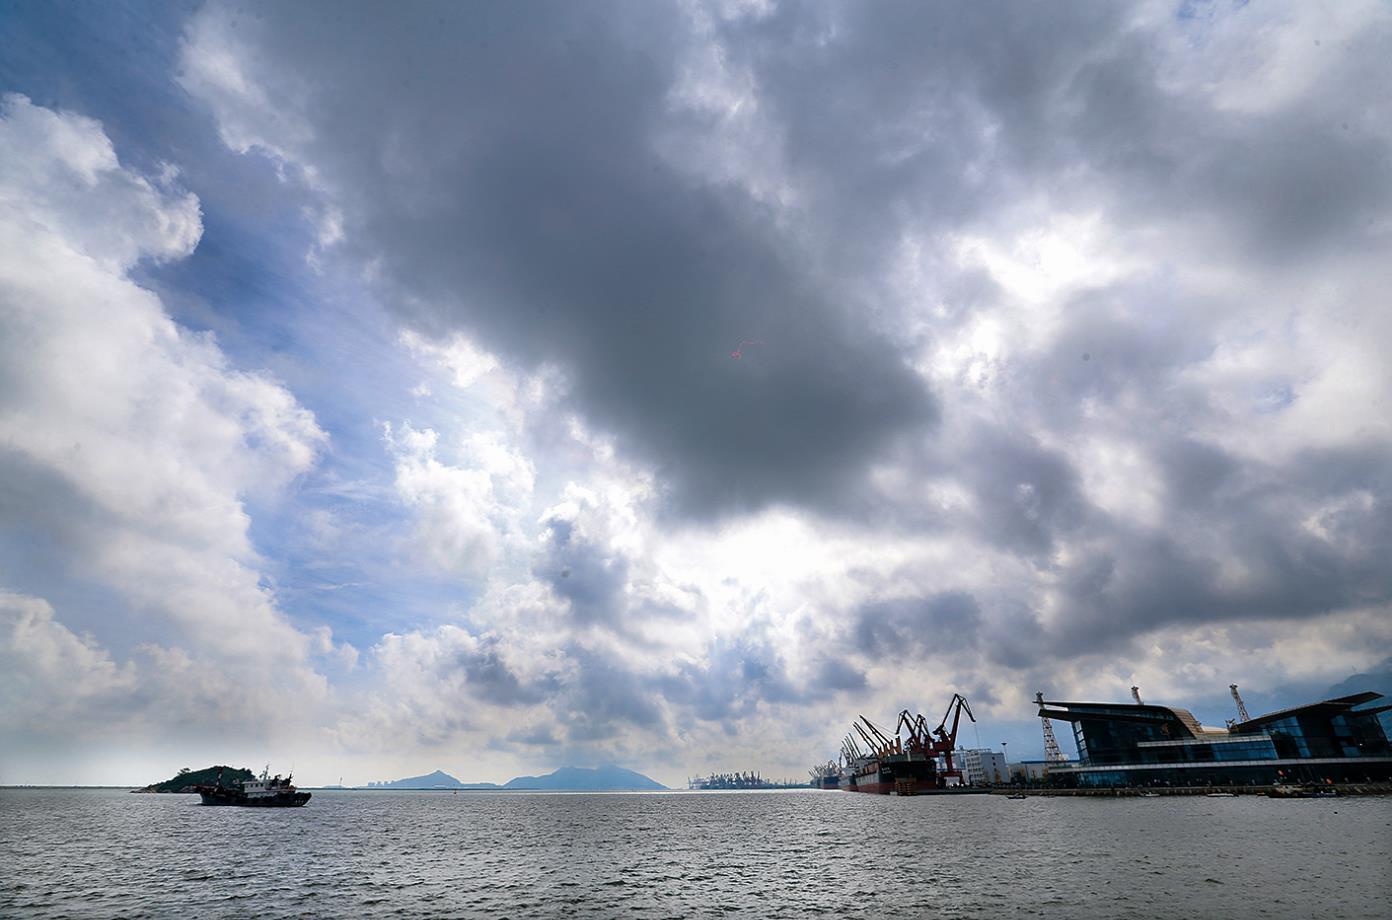 受臺風影響 連云港市區出現風雨天氣